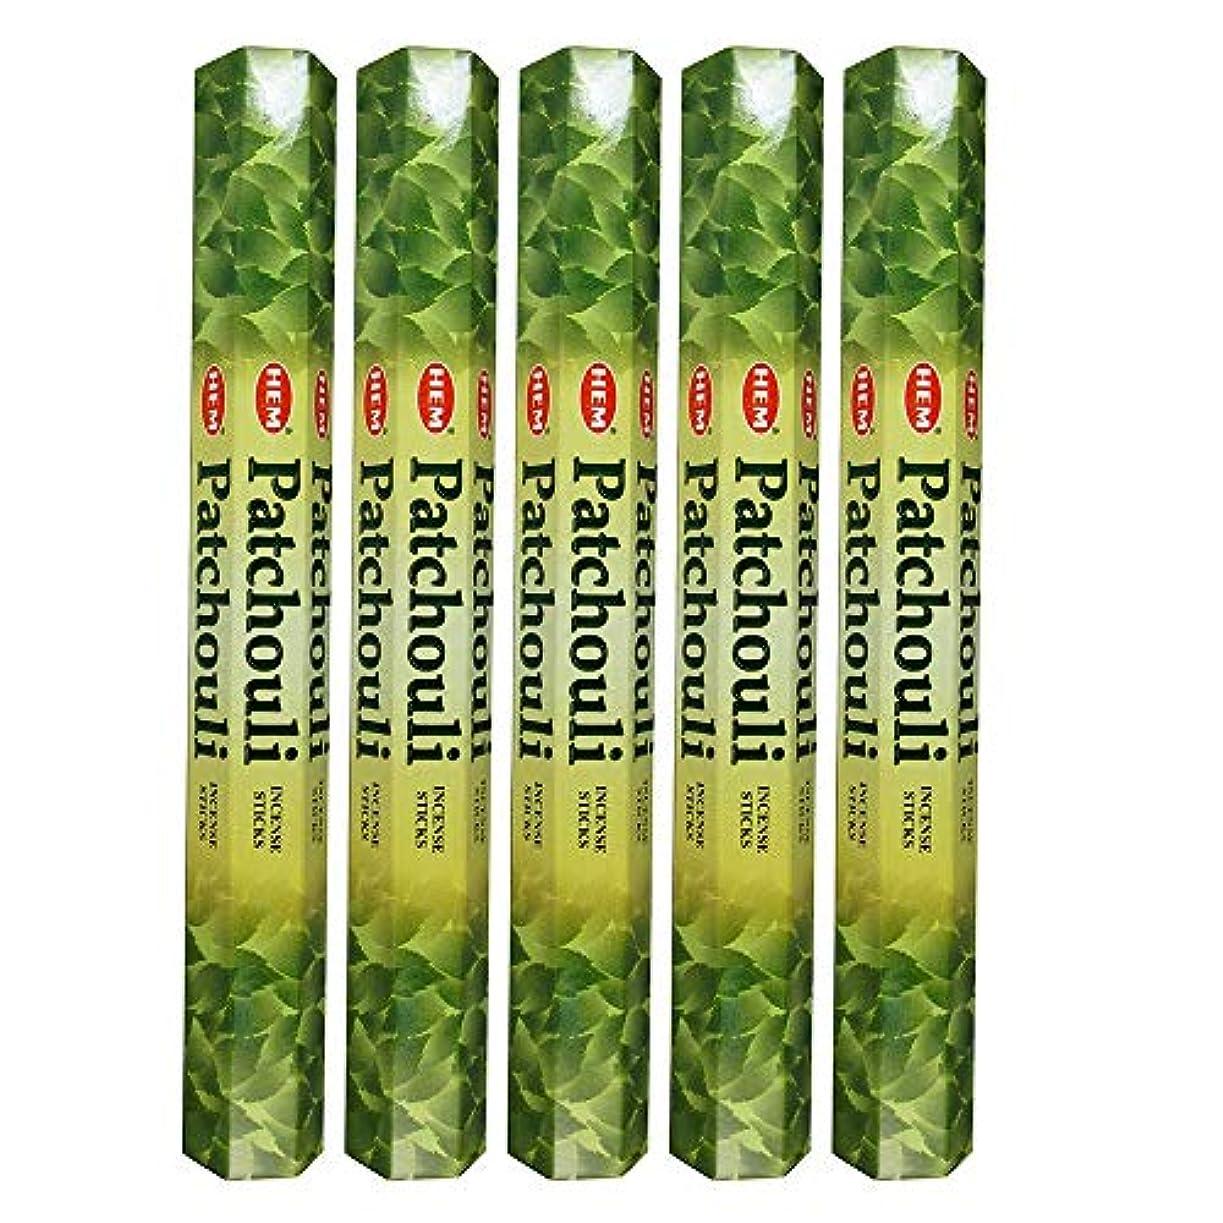 船上不安定な穿孔するHemパチョリ100 Incense Sticks (5 x 20スティックパック)